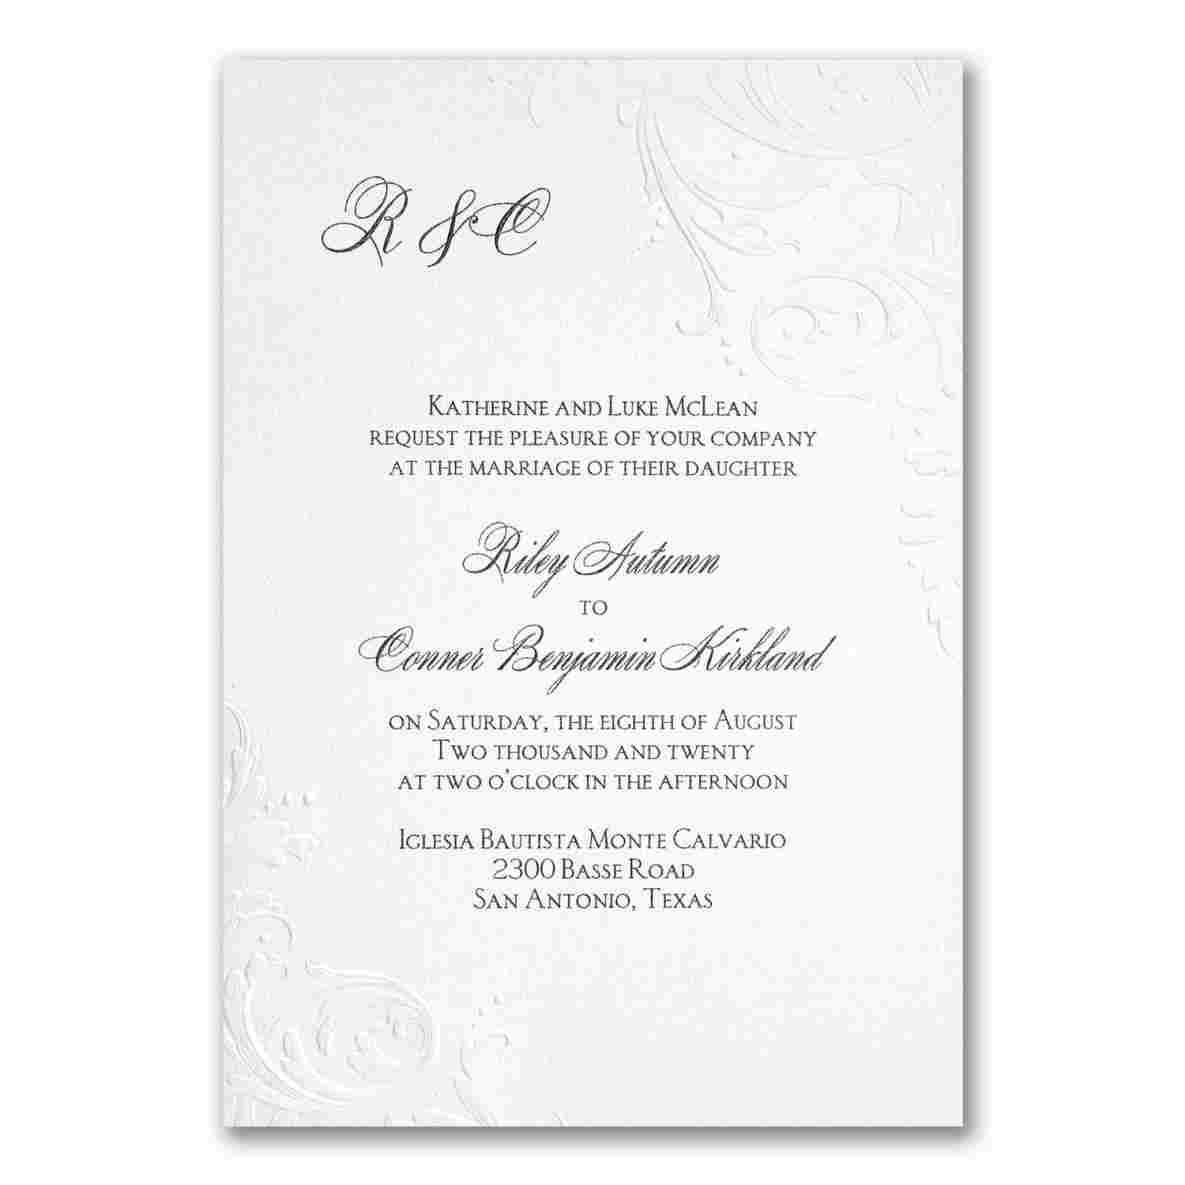 Carlson Wedding Invitations Rhcarlsoncraftproductscom Edged Affordable Disney Wedding